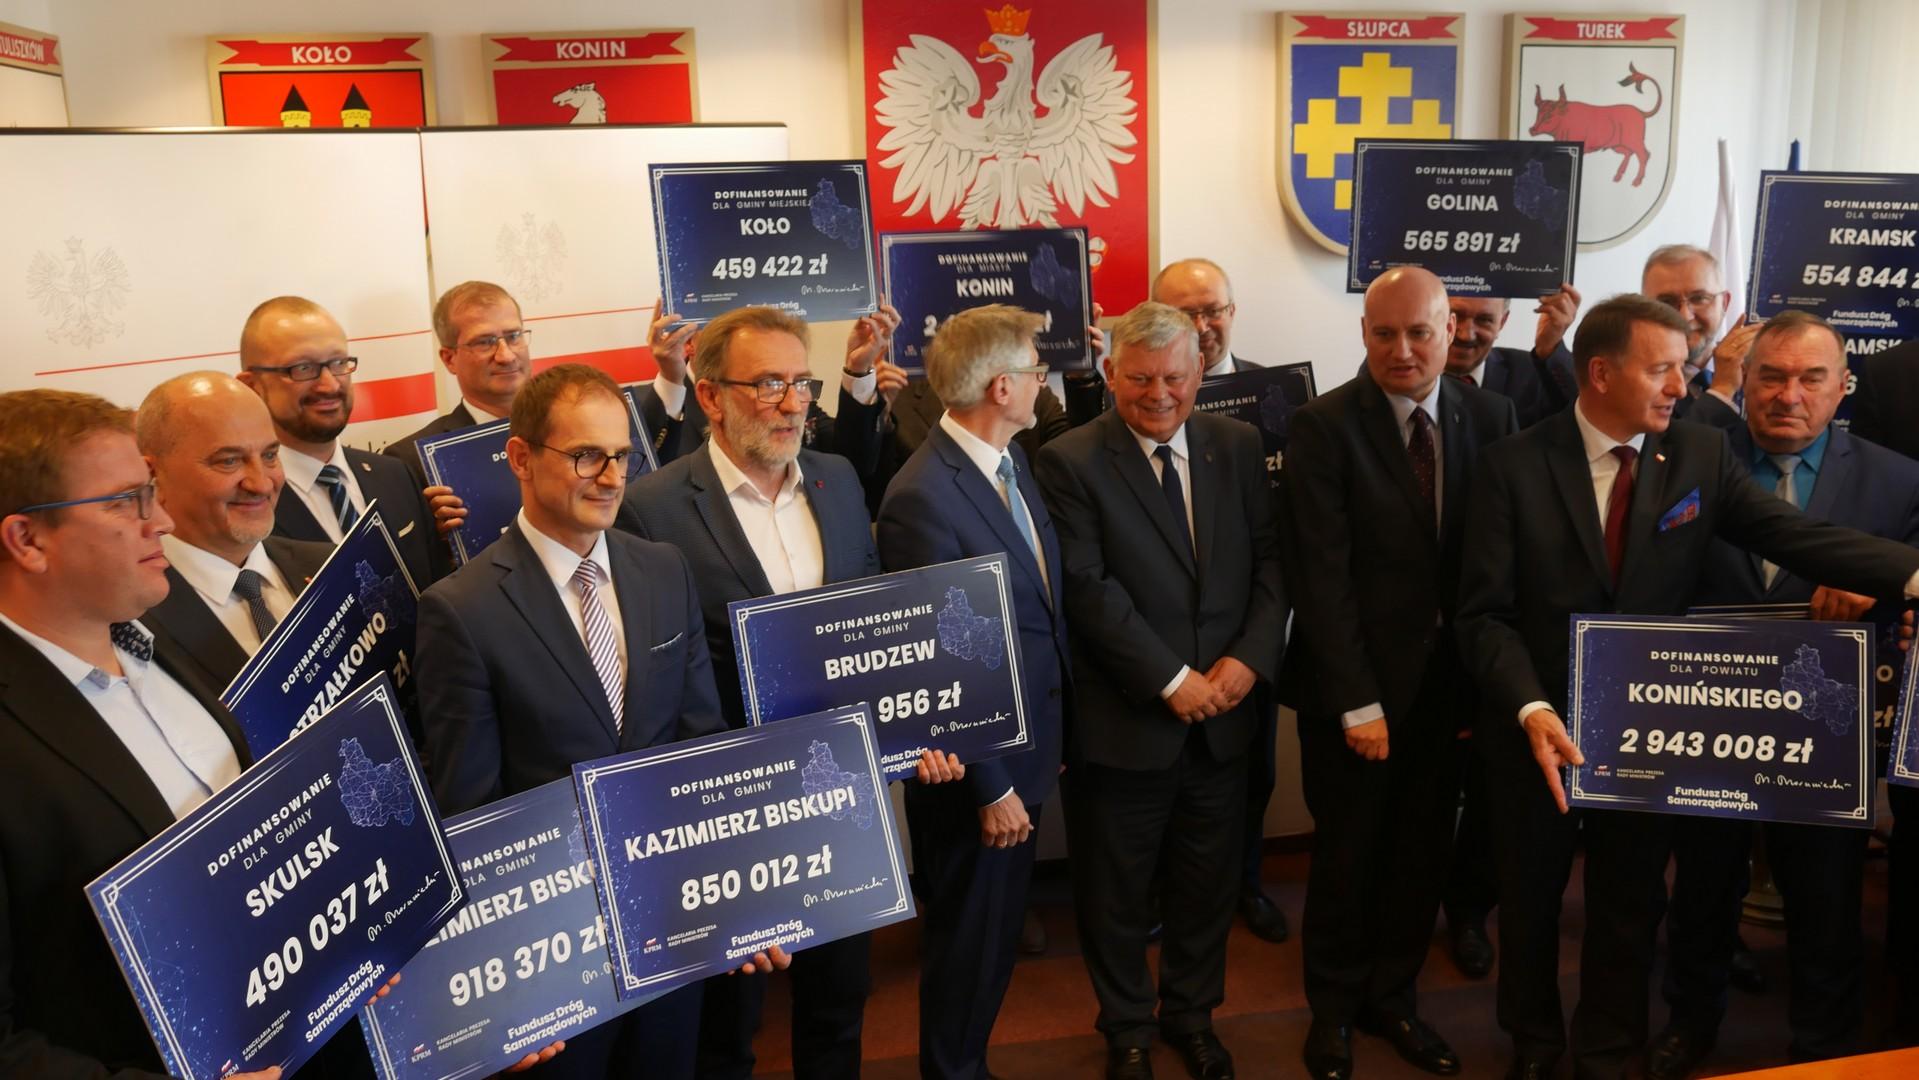 Fundusz Dróg Samorządowych konin - Sławomir Zasadzki